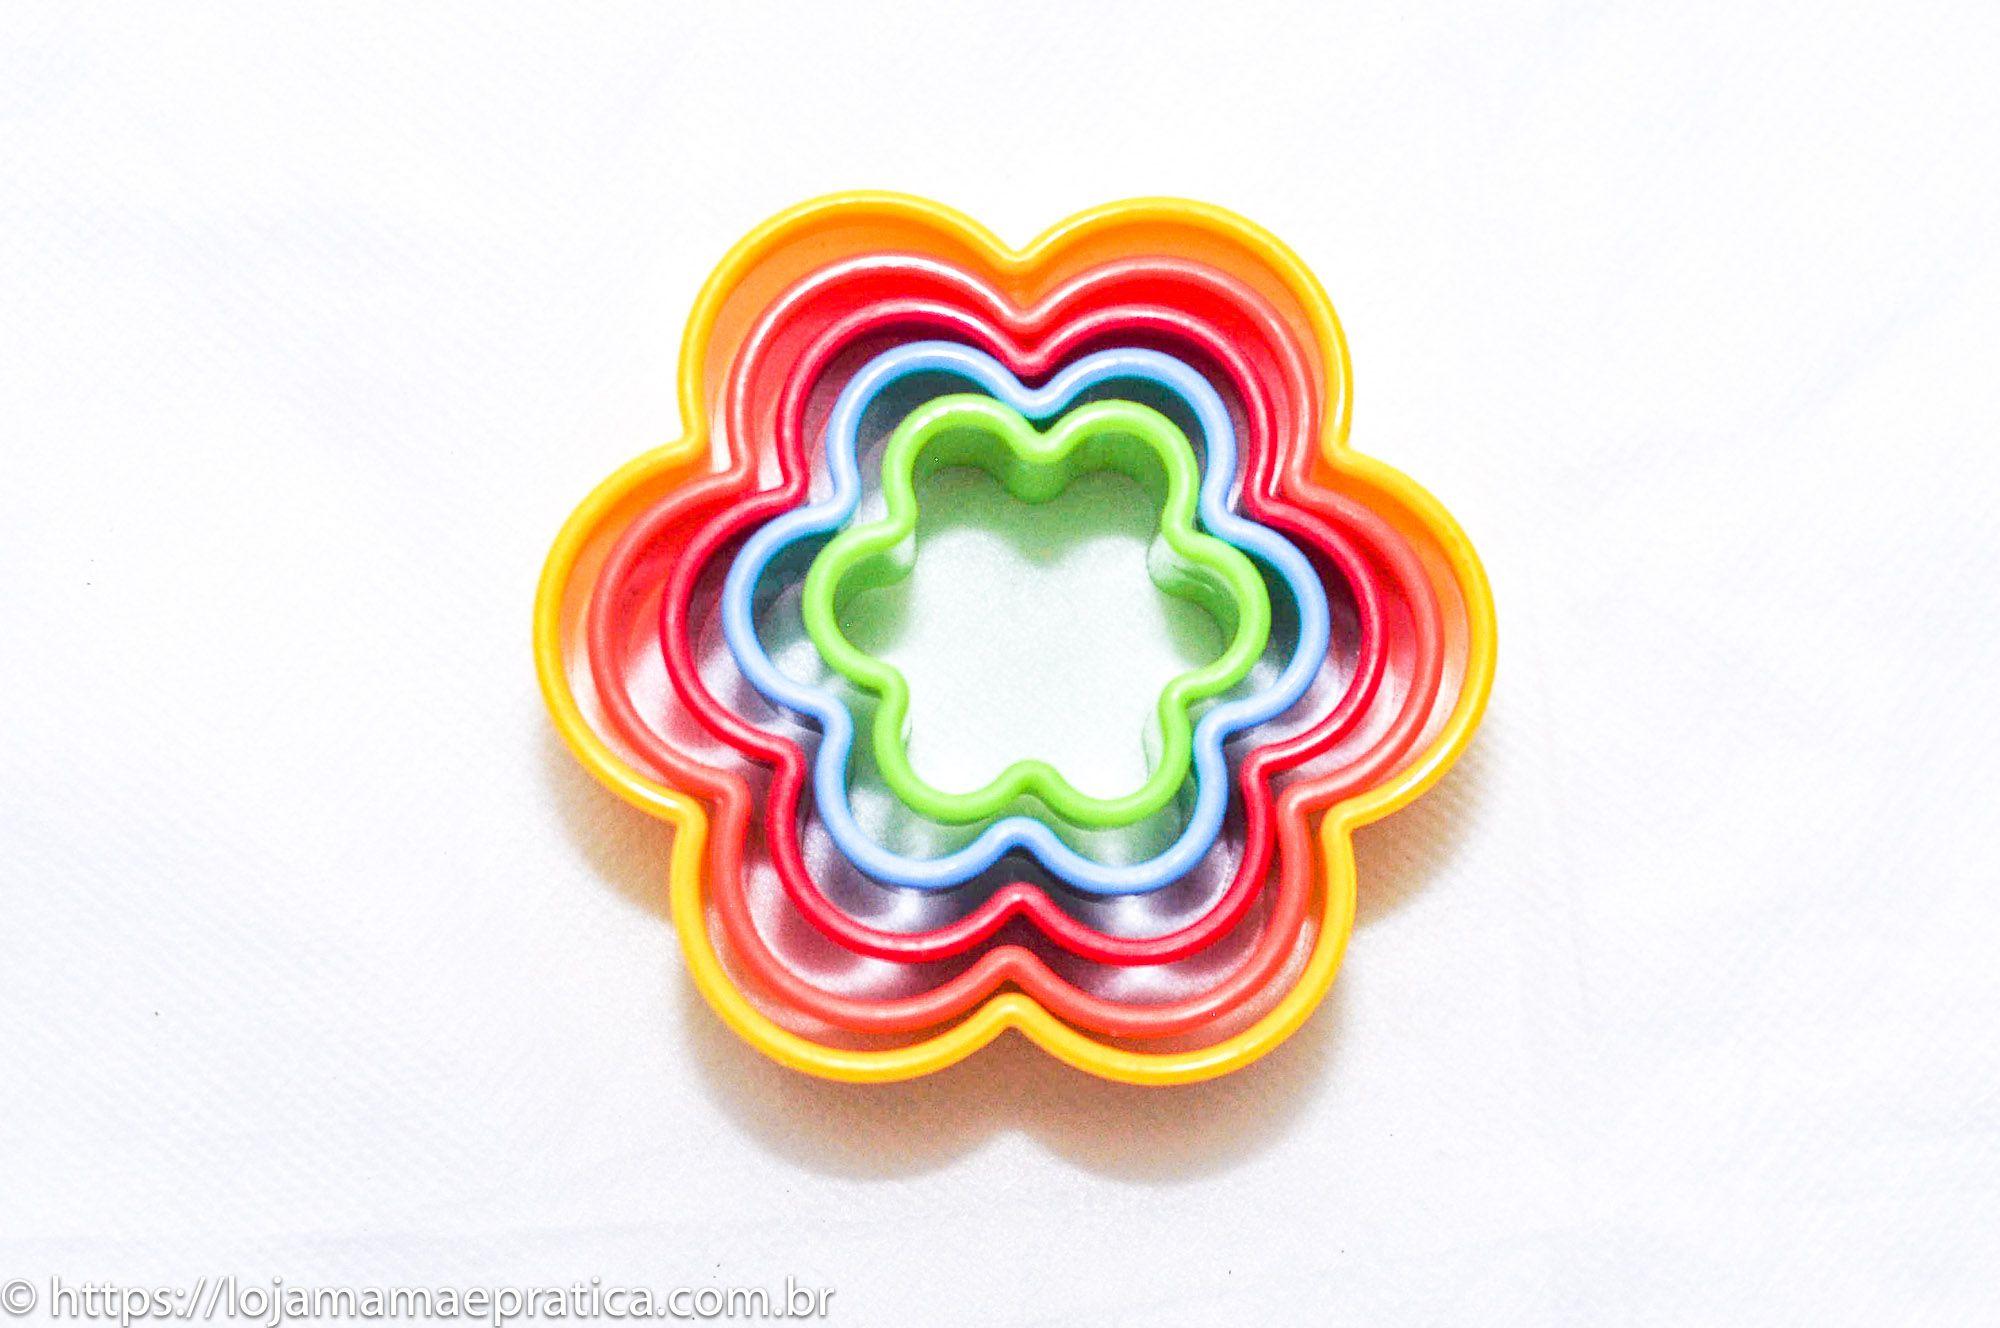 Conjunto de cortadores coloridos formato floral - 5 peças - com estojo